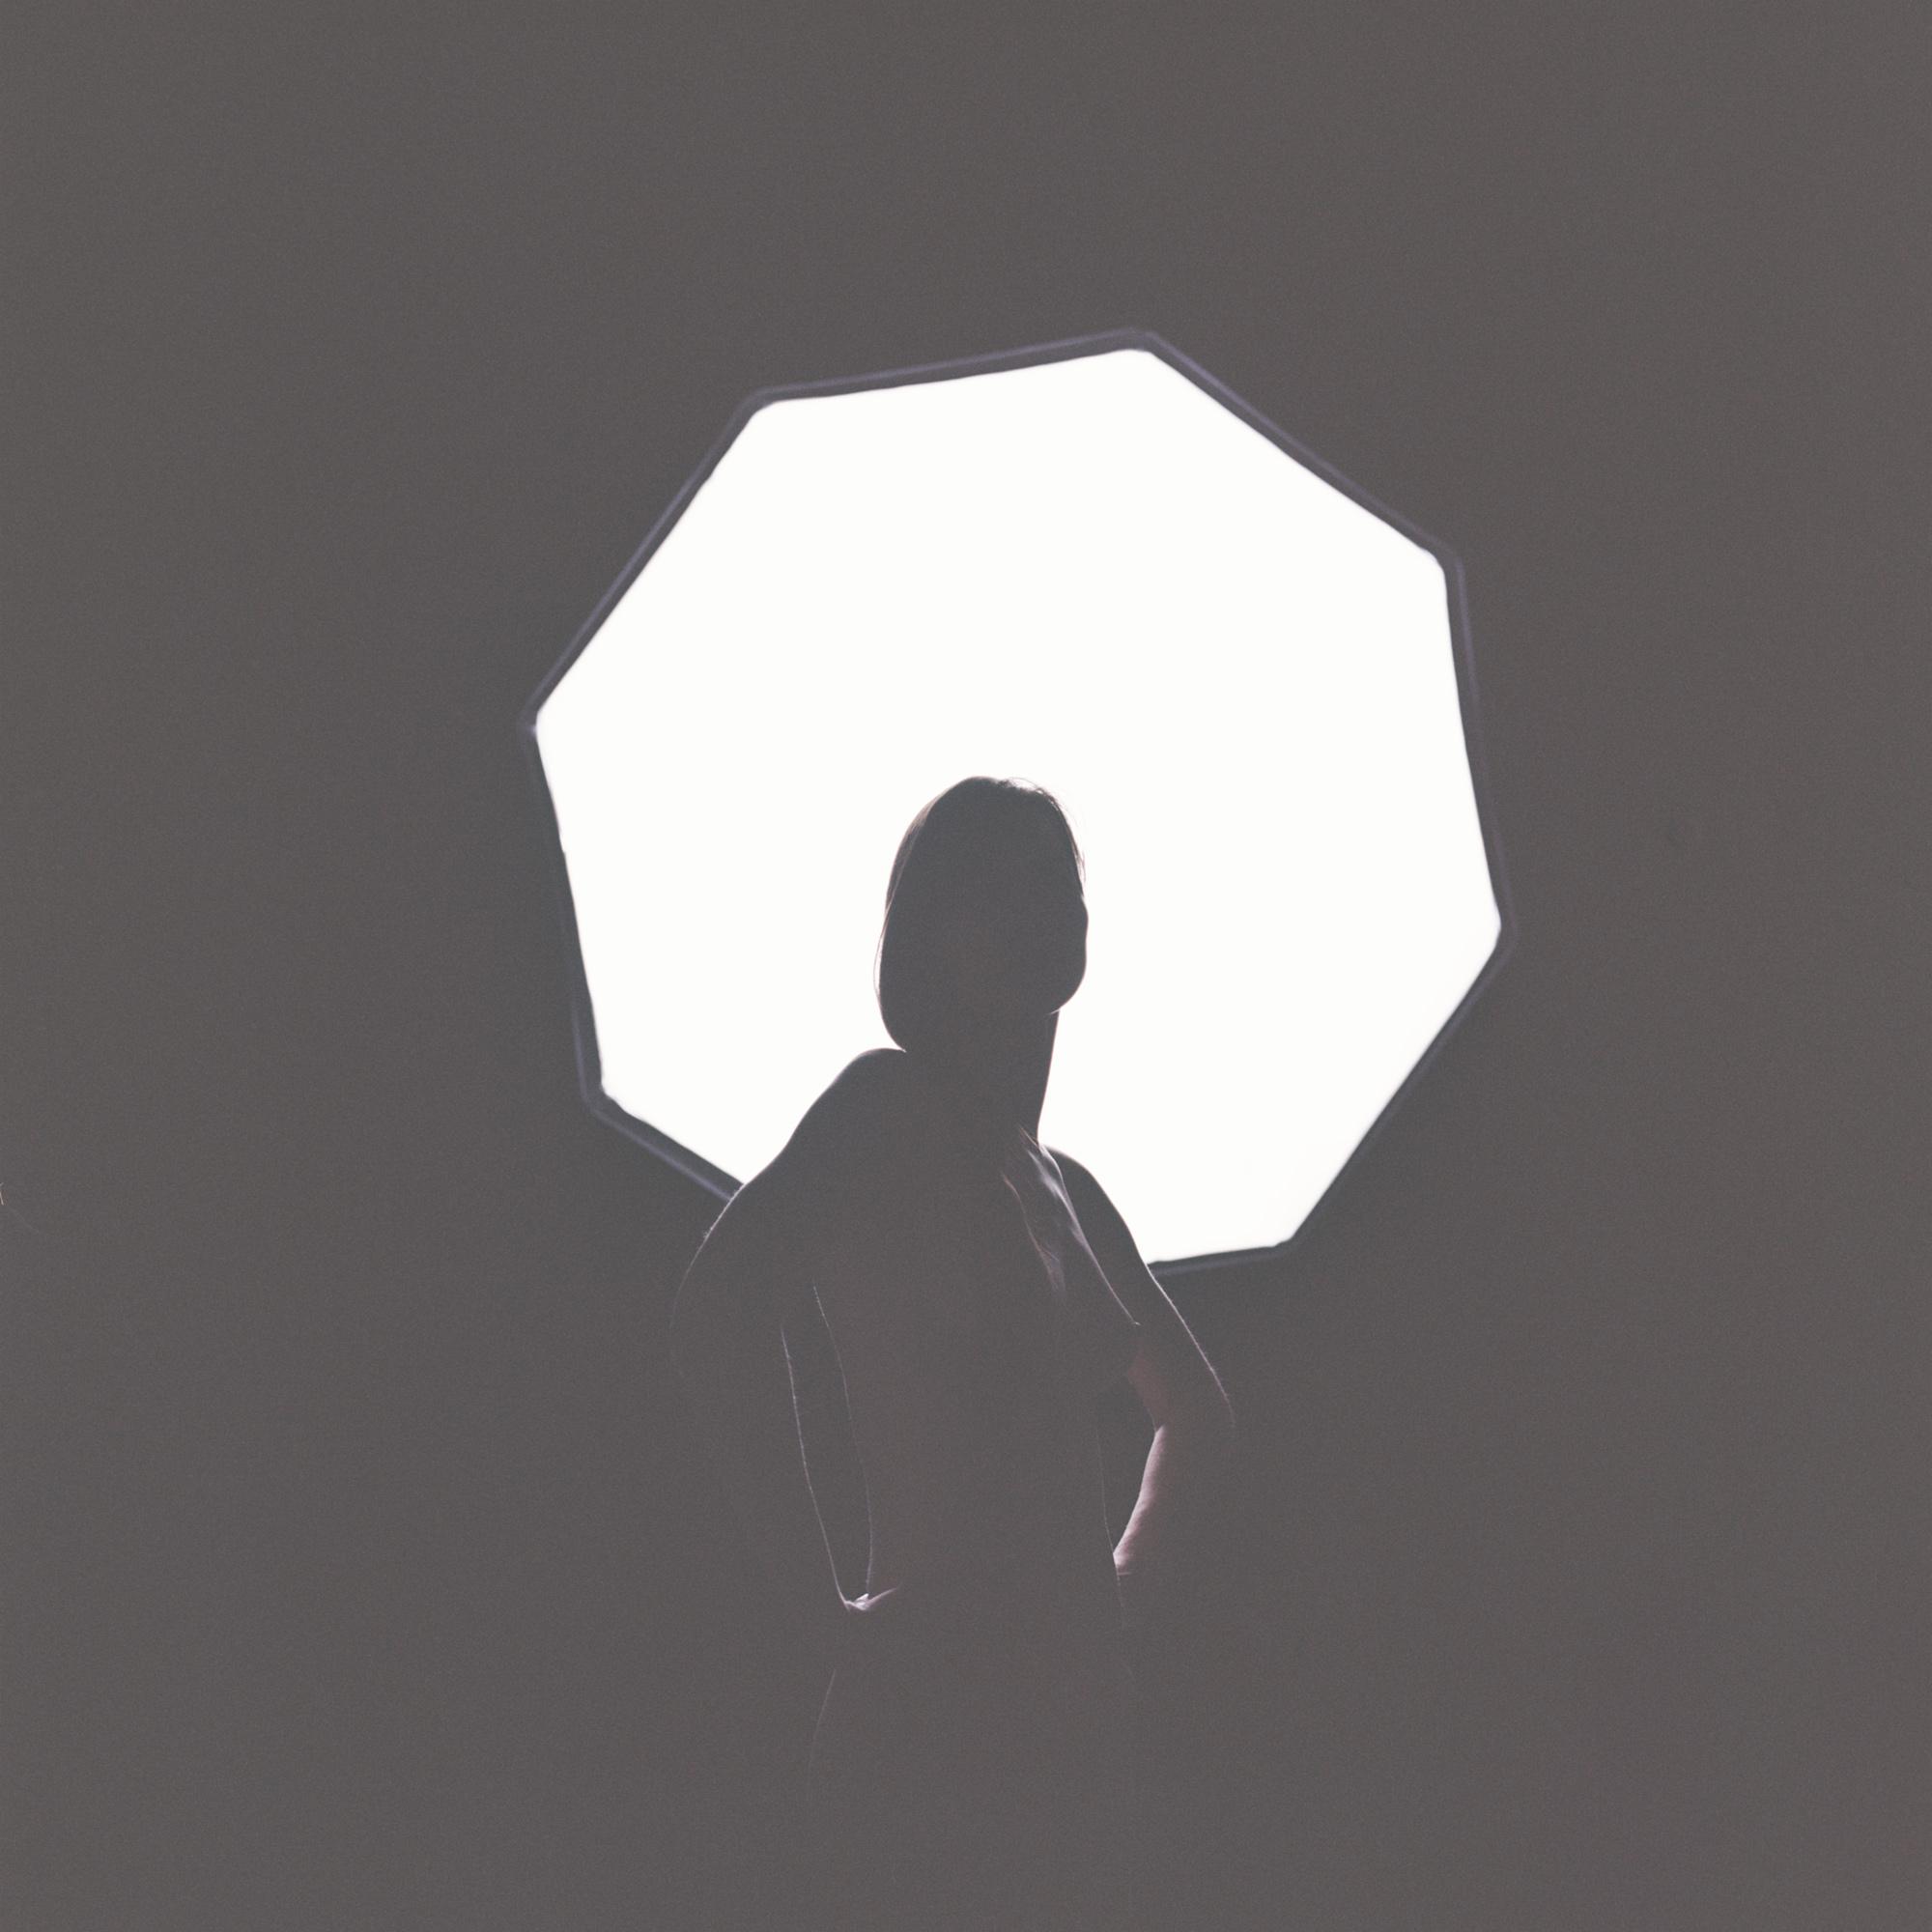 """Серия будуарных фотографий """"In The Twighlight"""" в журнале о нижнем белье и стиле GB {Garterblog.ru}. Фотограф Сергей Король"""